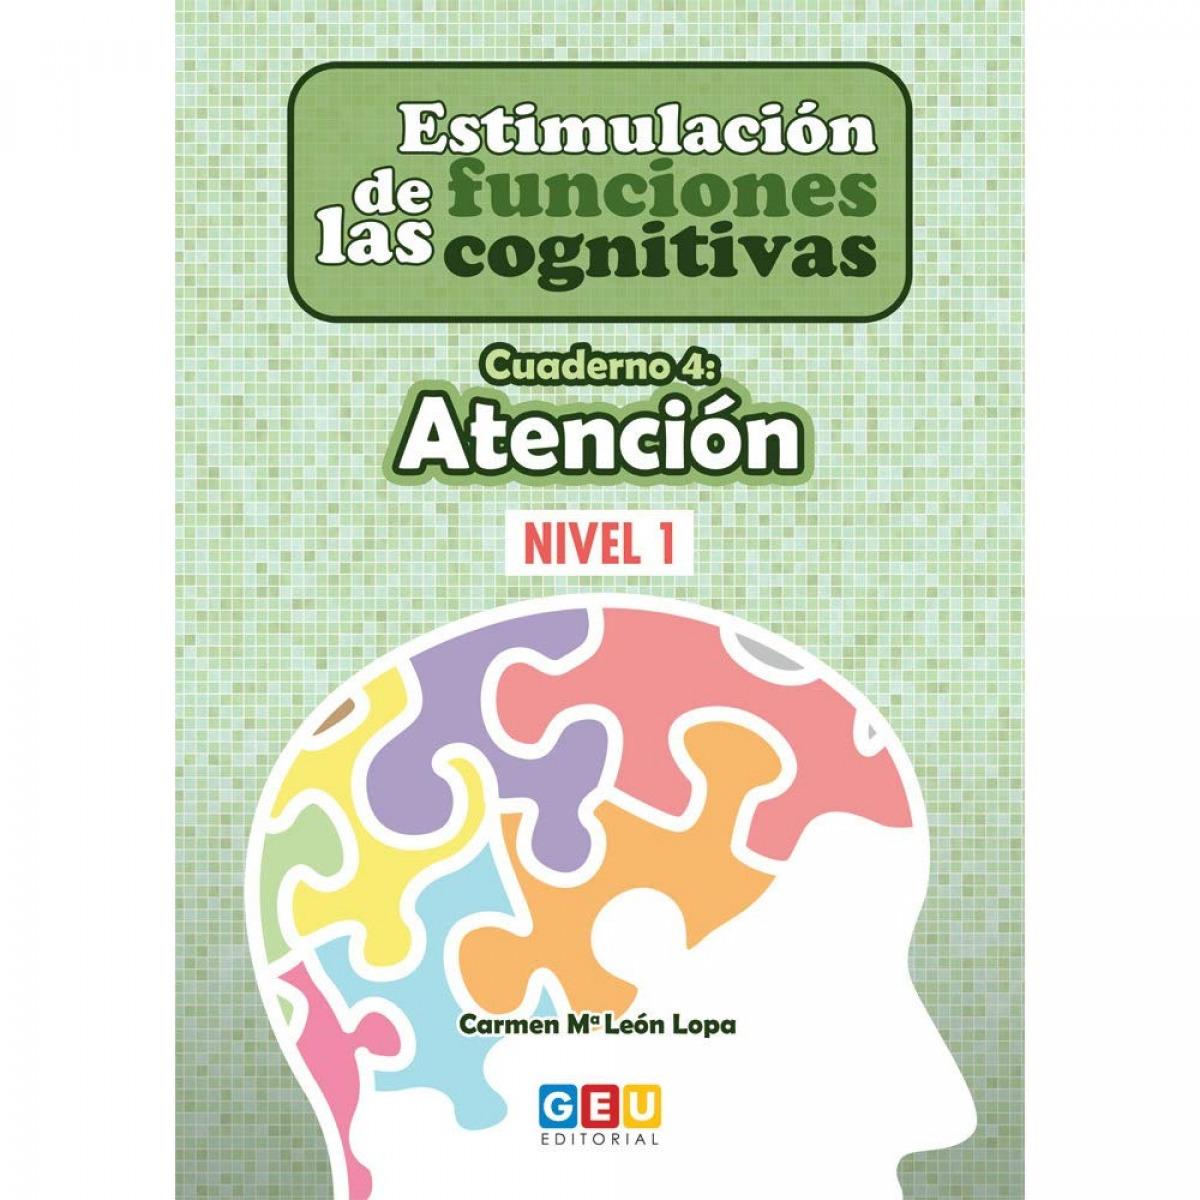 Estimulación de las funciones cognitivas, nivel 1. Cuaderno 4